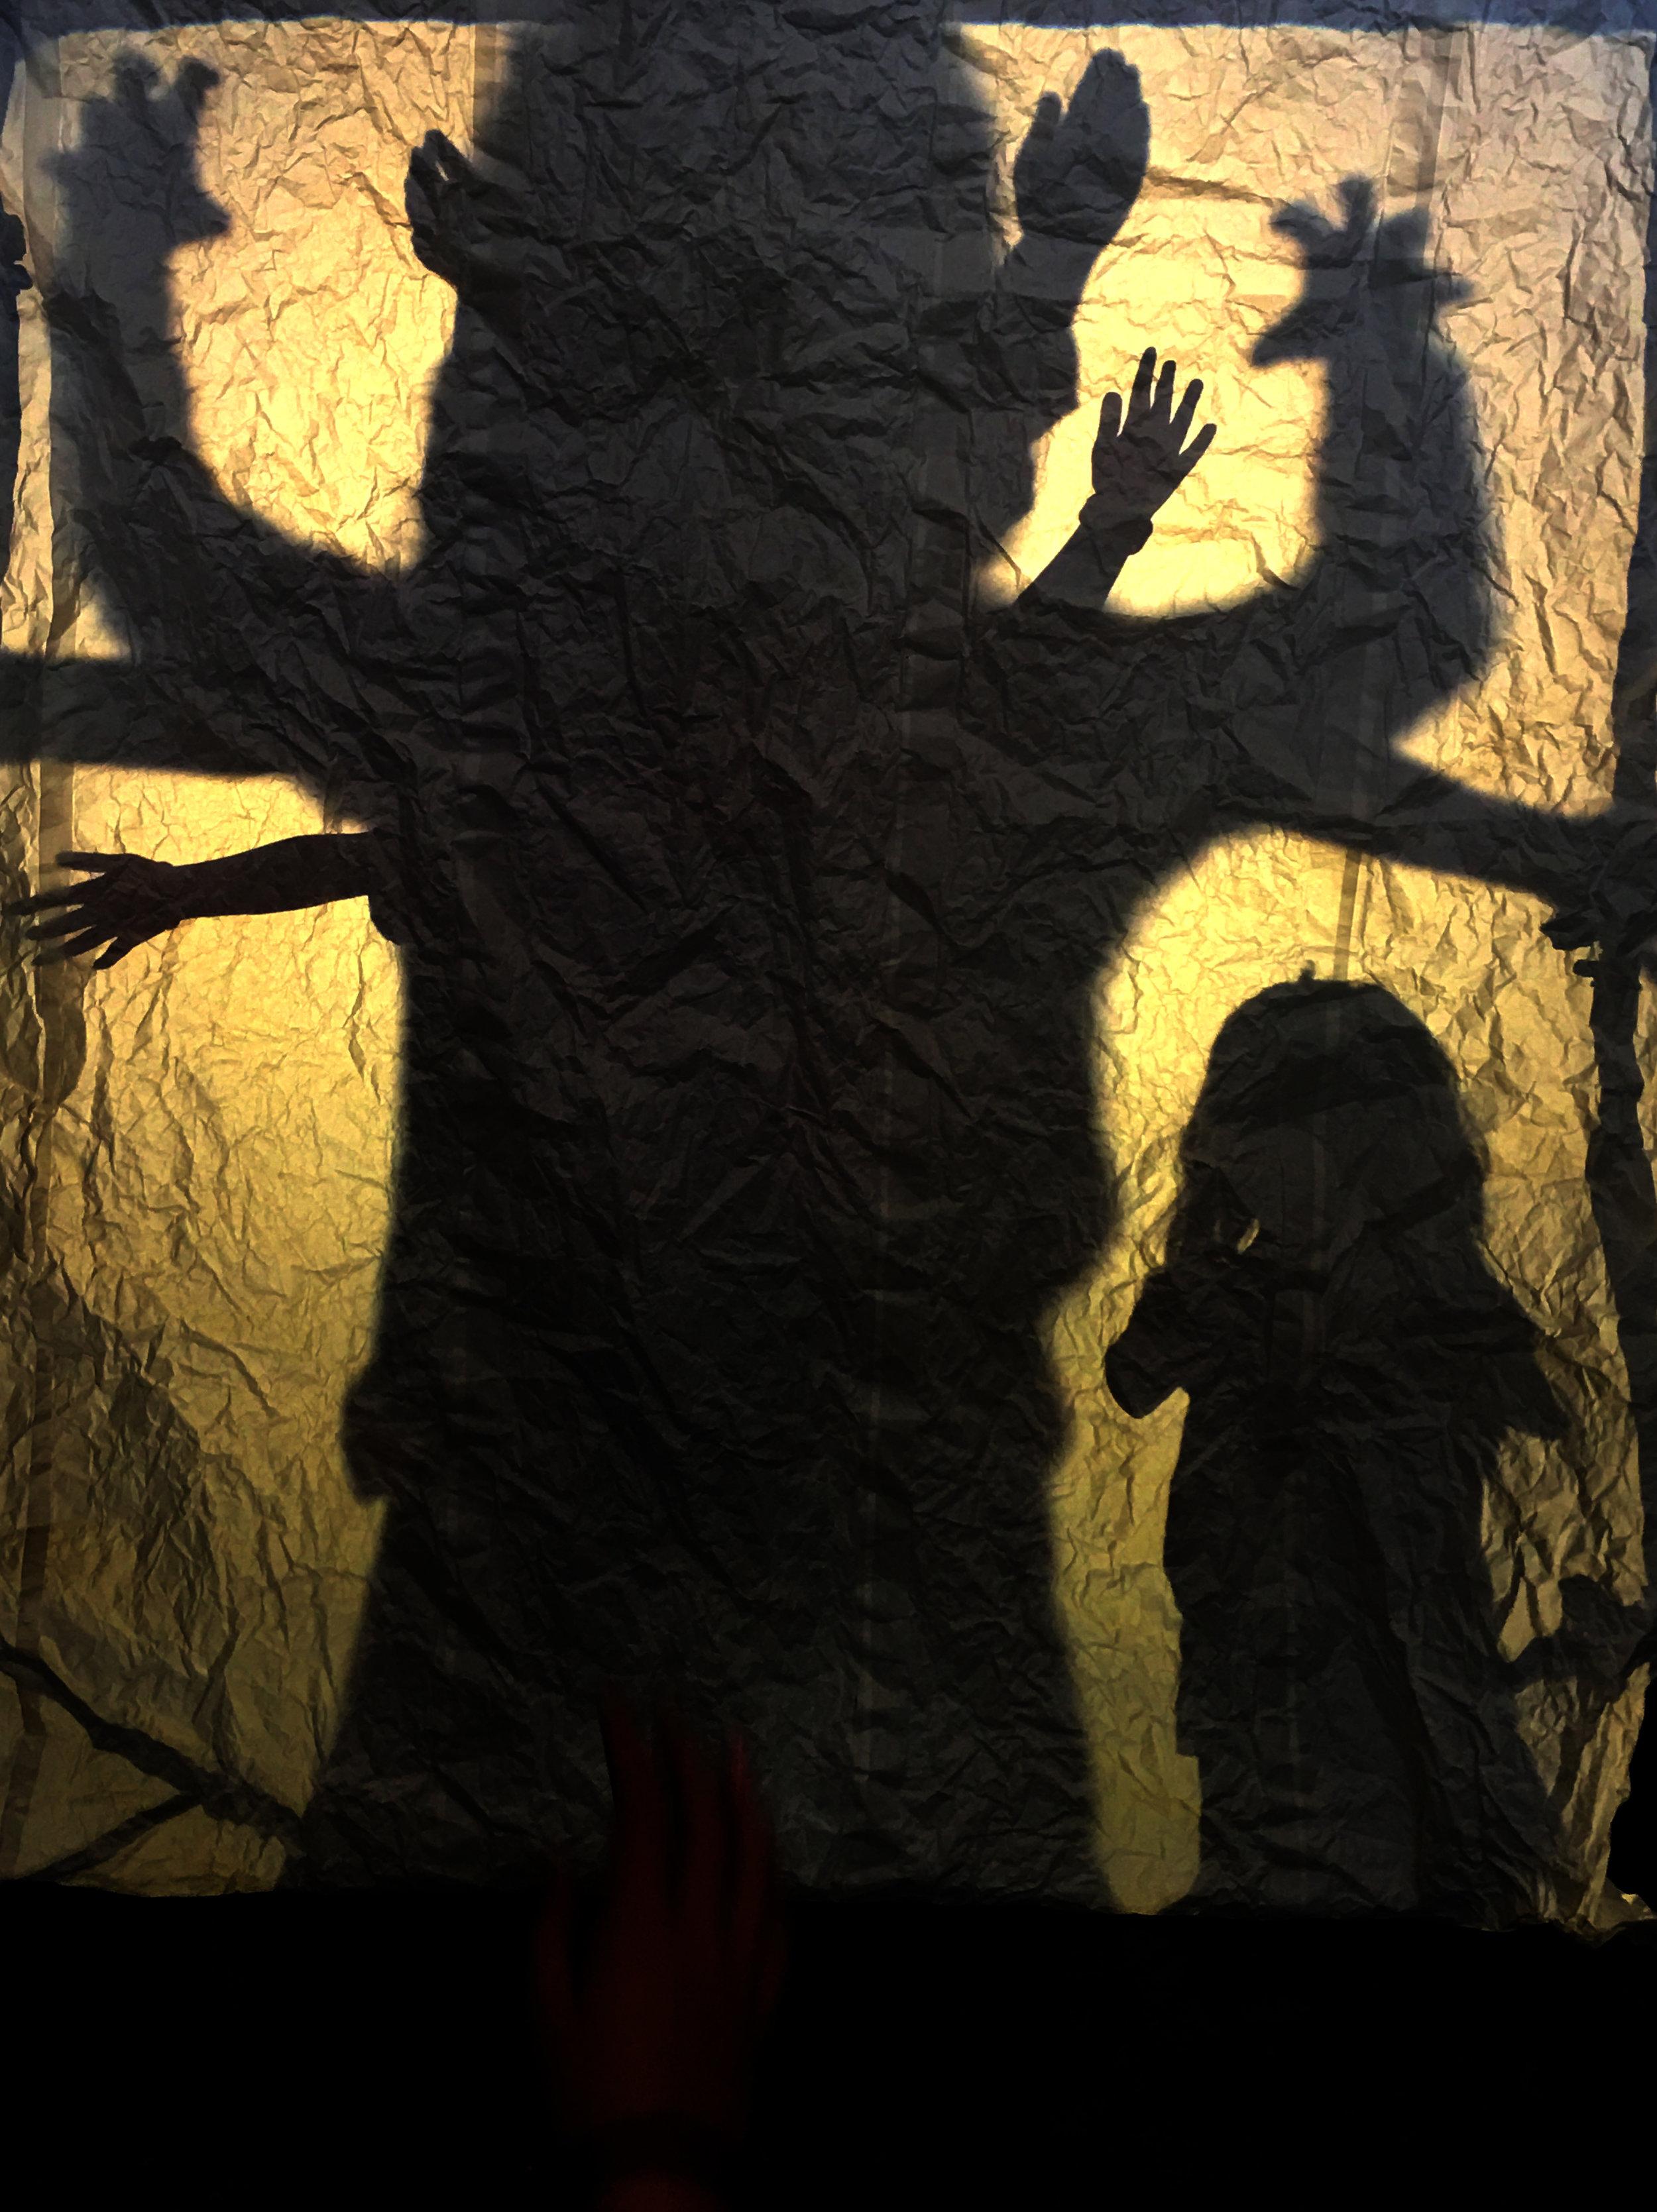 shadows_drama.jpg